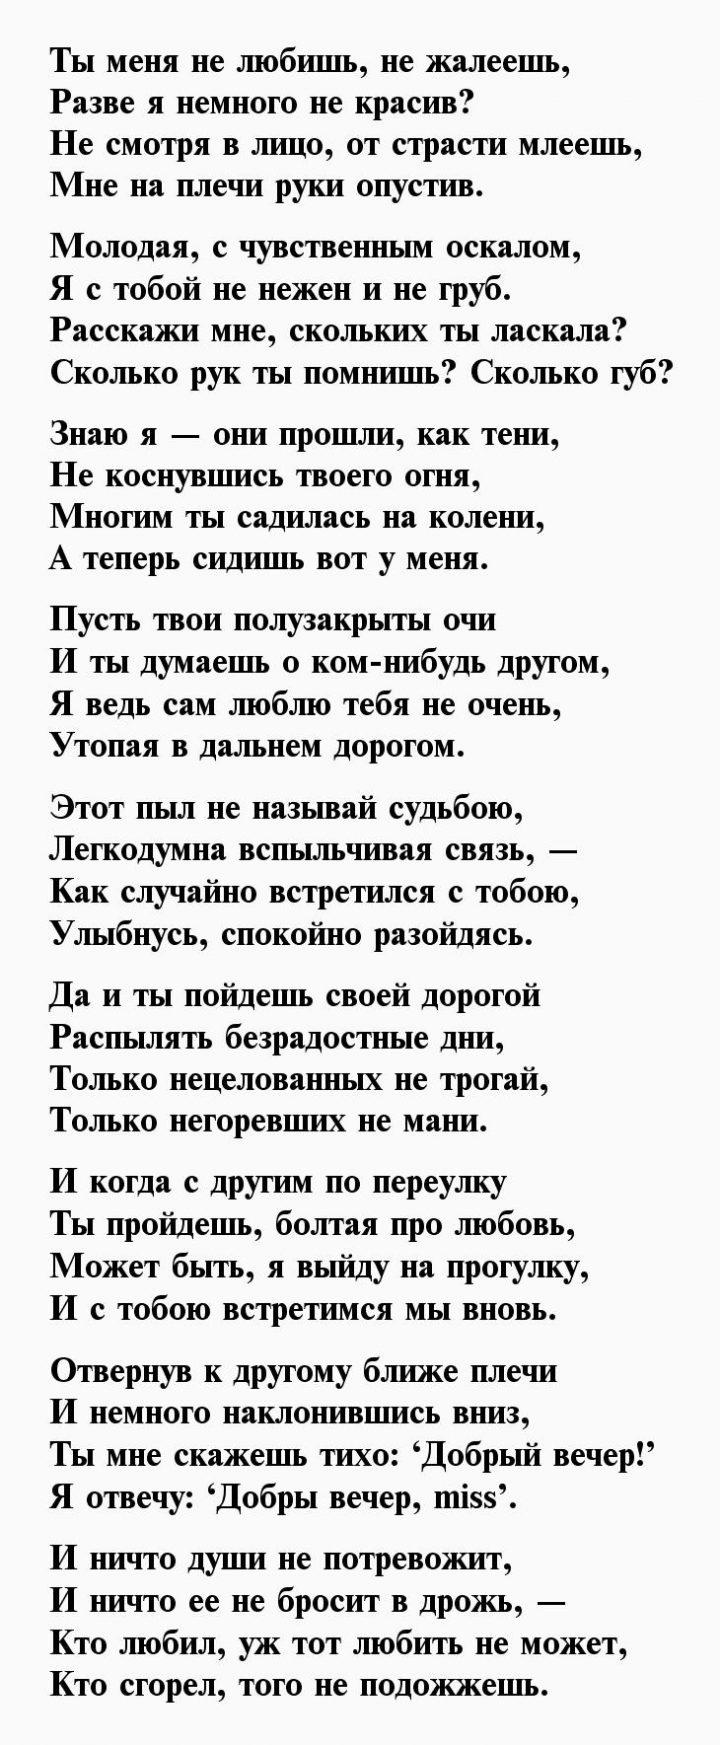 Стихи длинные девушке о любви